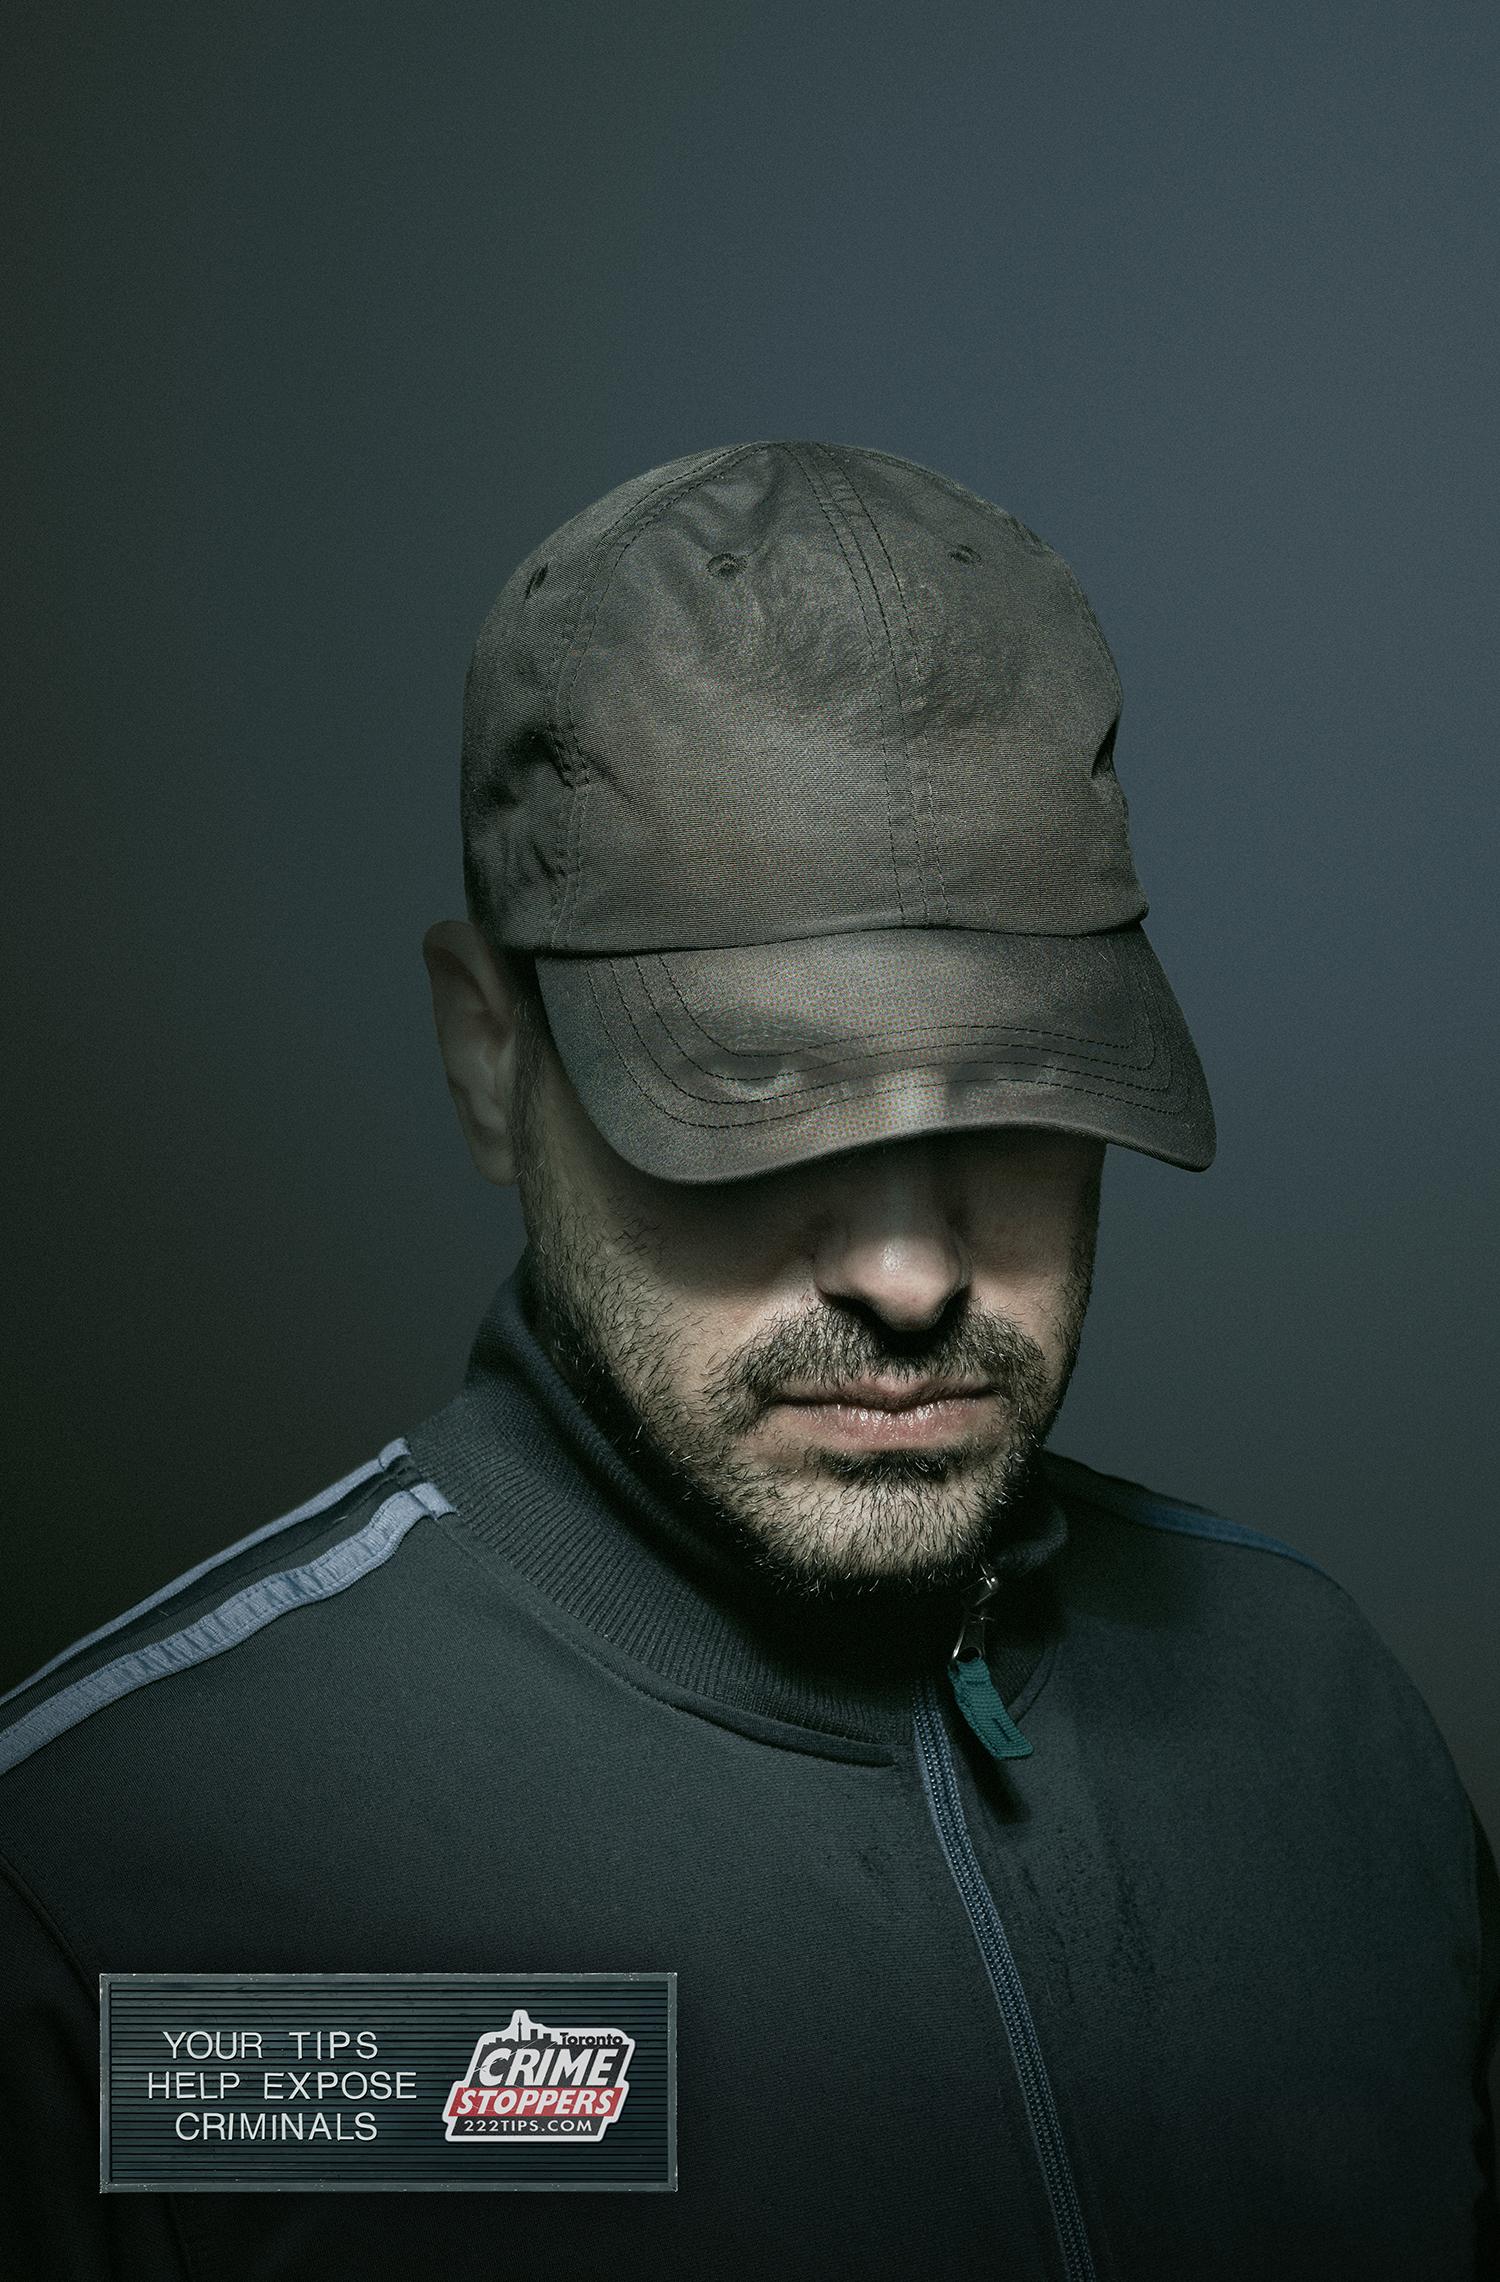 Crime Stopper Hat.jpg